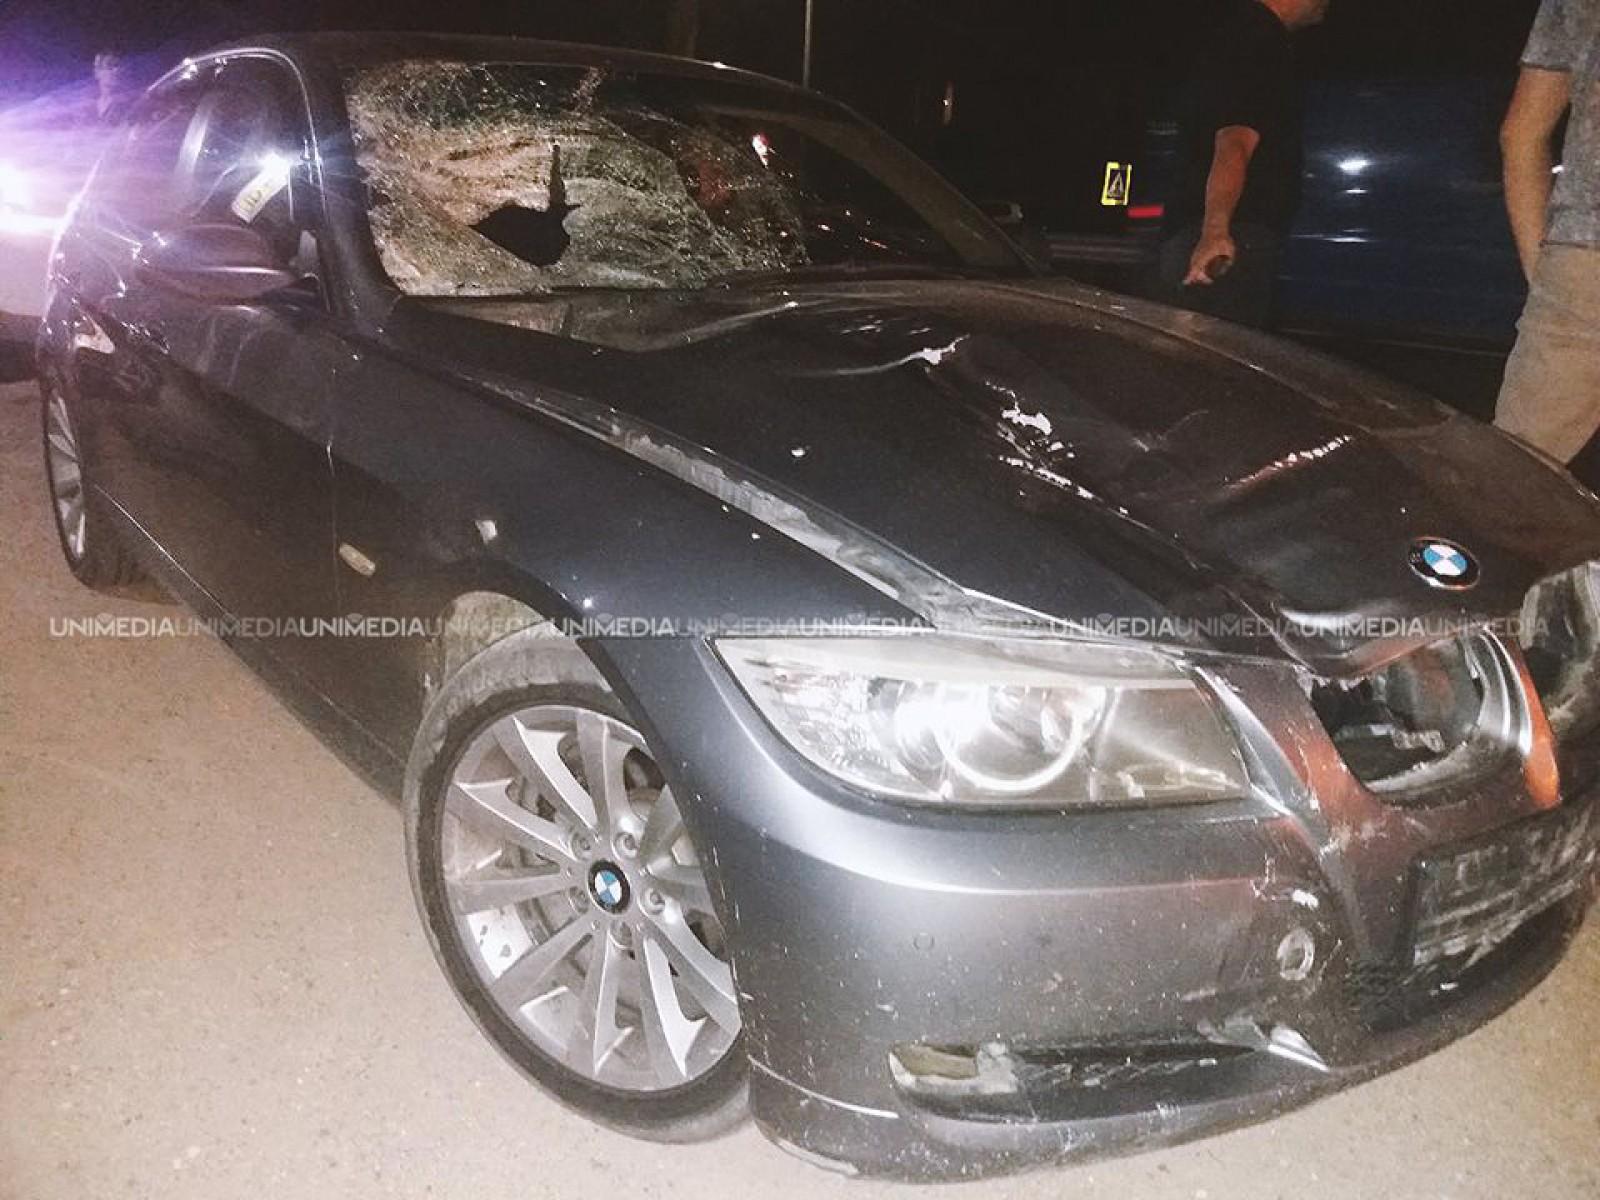 Bărbat, ucis pe trecerea de pietoni la Măgdăcești: Șoferul a părăsit locul faptei